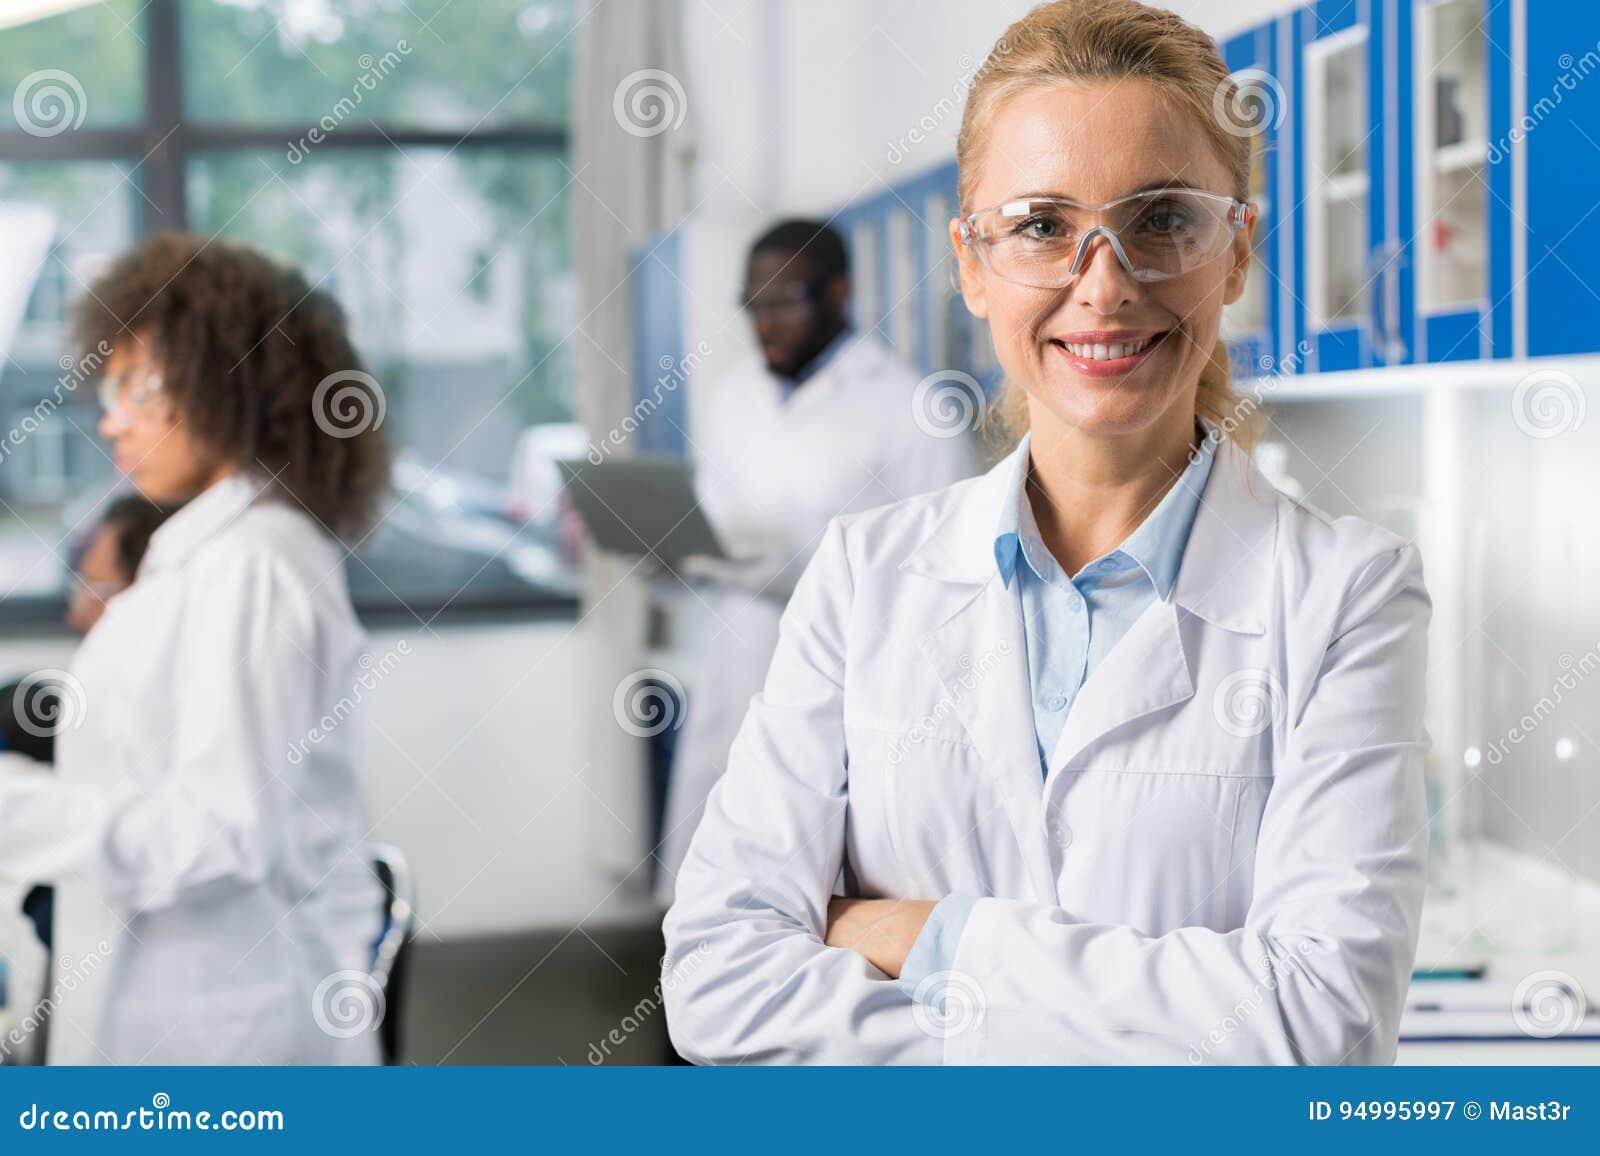 Stående av att le kvinnan i det vita laget och skyddande glasögon i det moderna laboratoriumet, kvinnlig forskare Over Busy